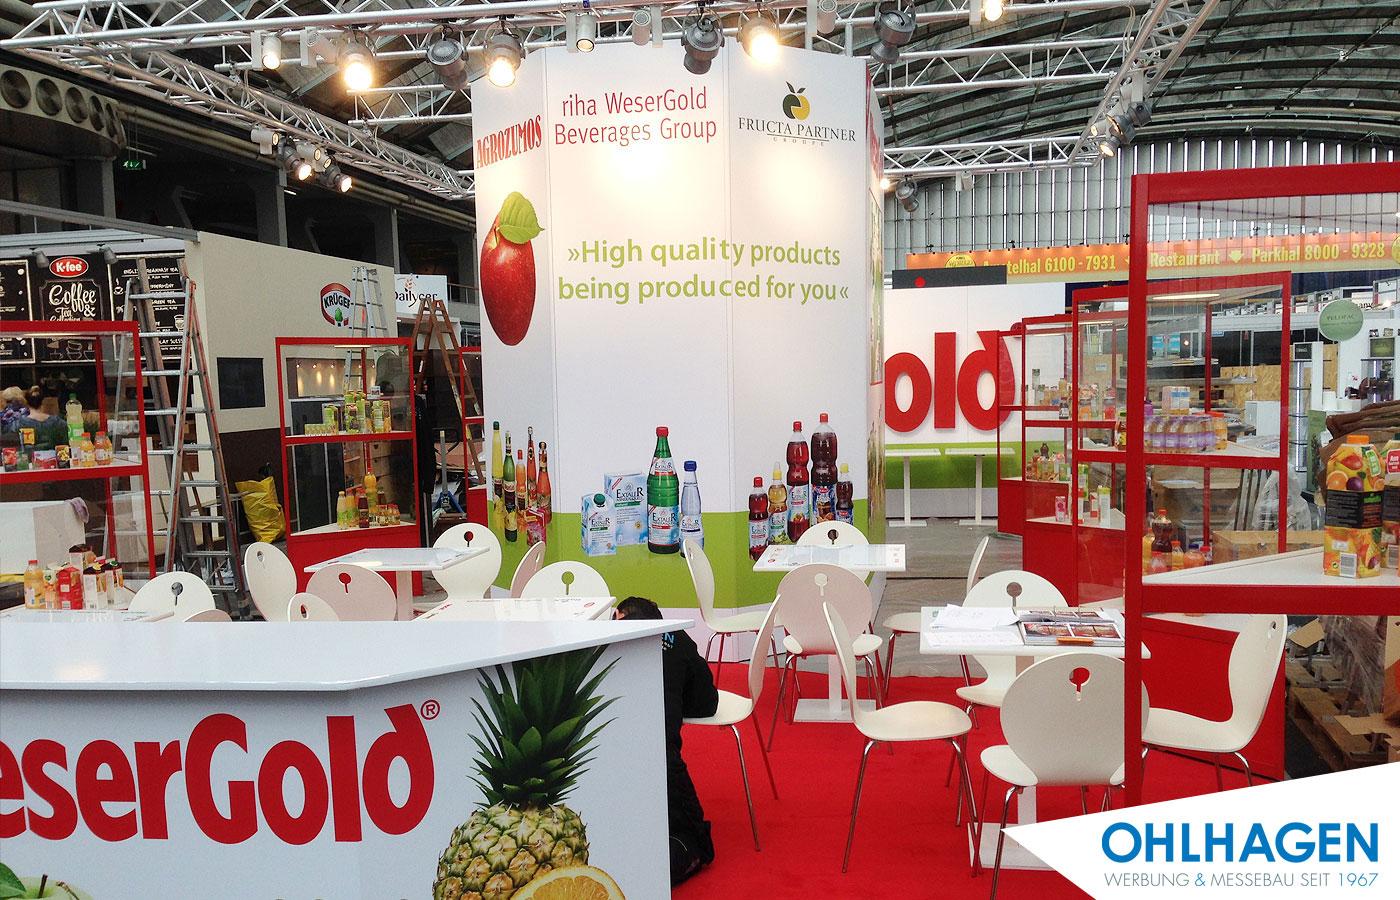 Ohlhagen – Werbung & Messebau seit 1967